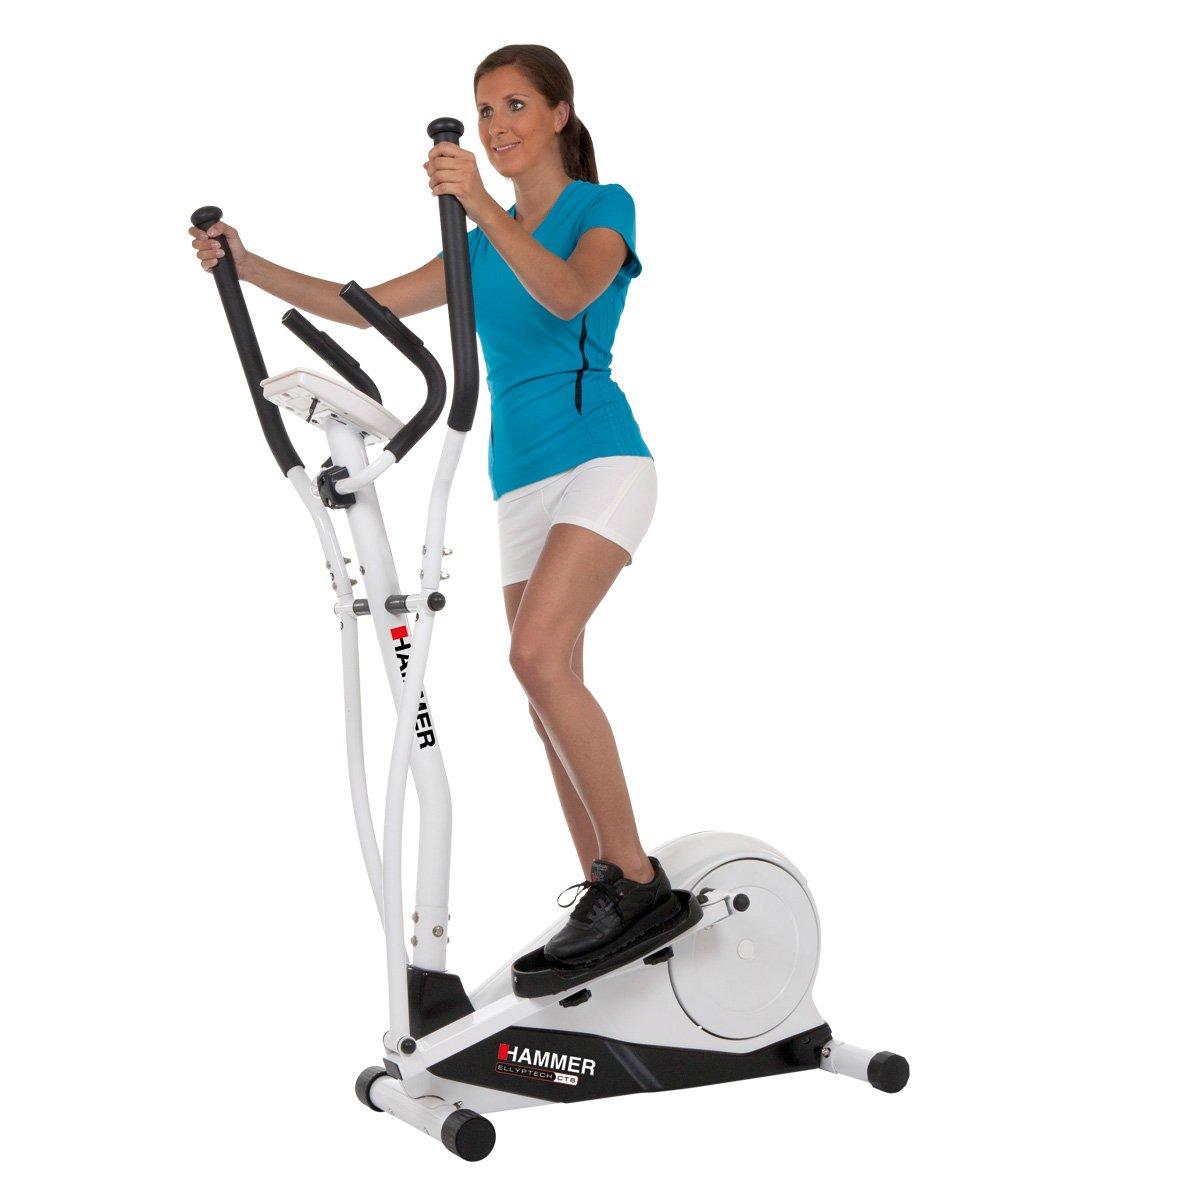 Hammer Bicicleta elíptica Ellyptech CT6: Amazon.es: Deportes y aire libre